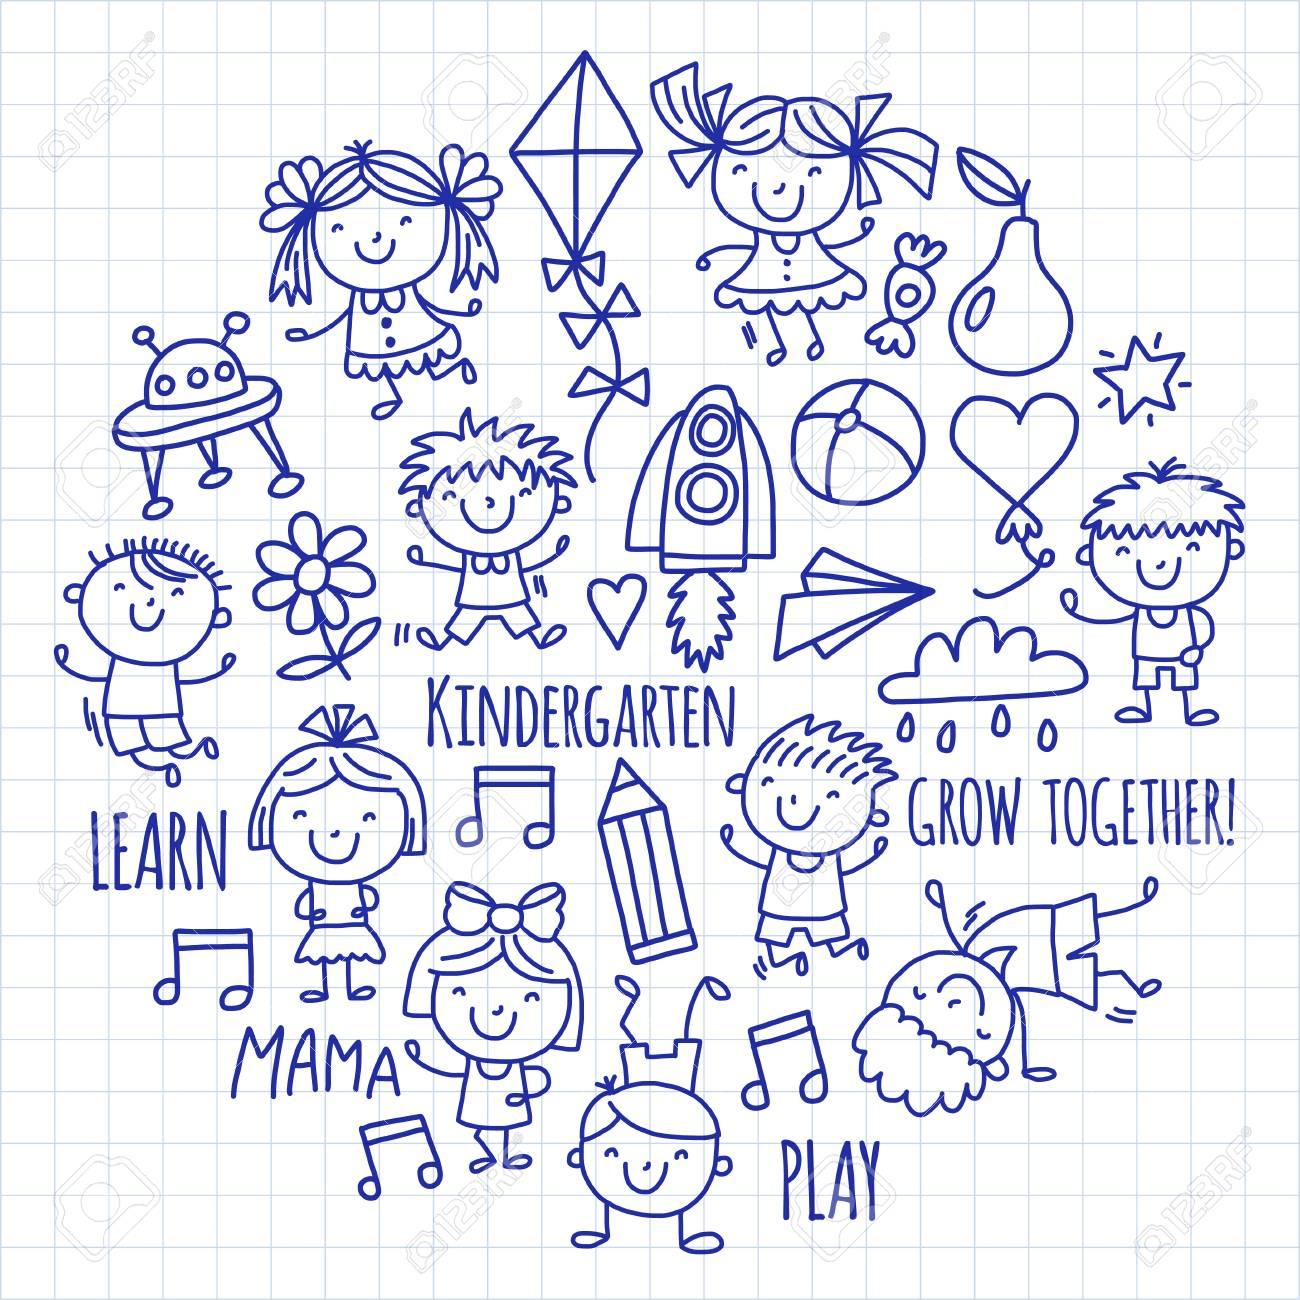 Enfants Dessin École Maternelle Enfants Heureux Jeu Illustration Pour  Enfants Enfants École Maternelle Icon pour Jeux Enfant Dessin